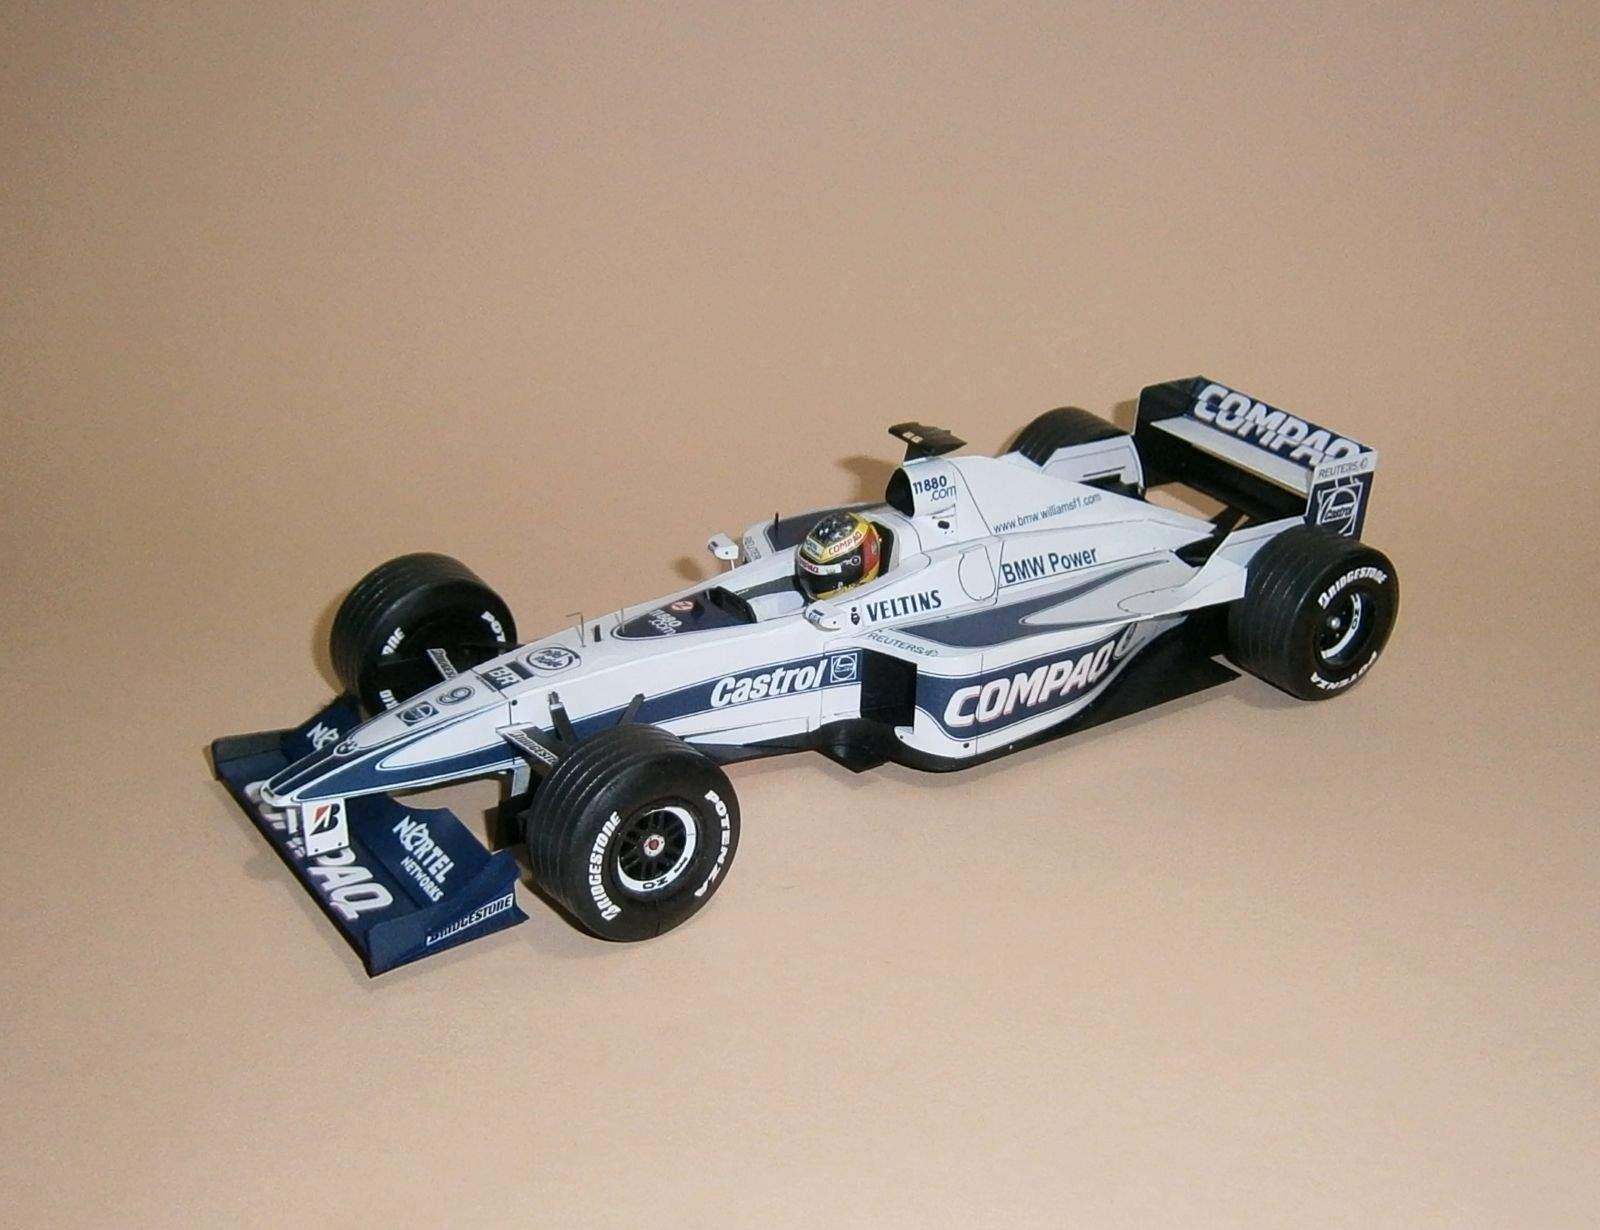 Williams FW22 - R.Schumacher 2000